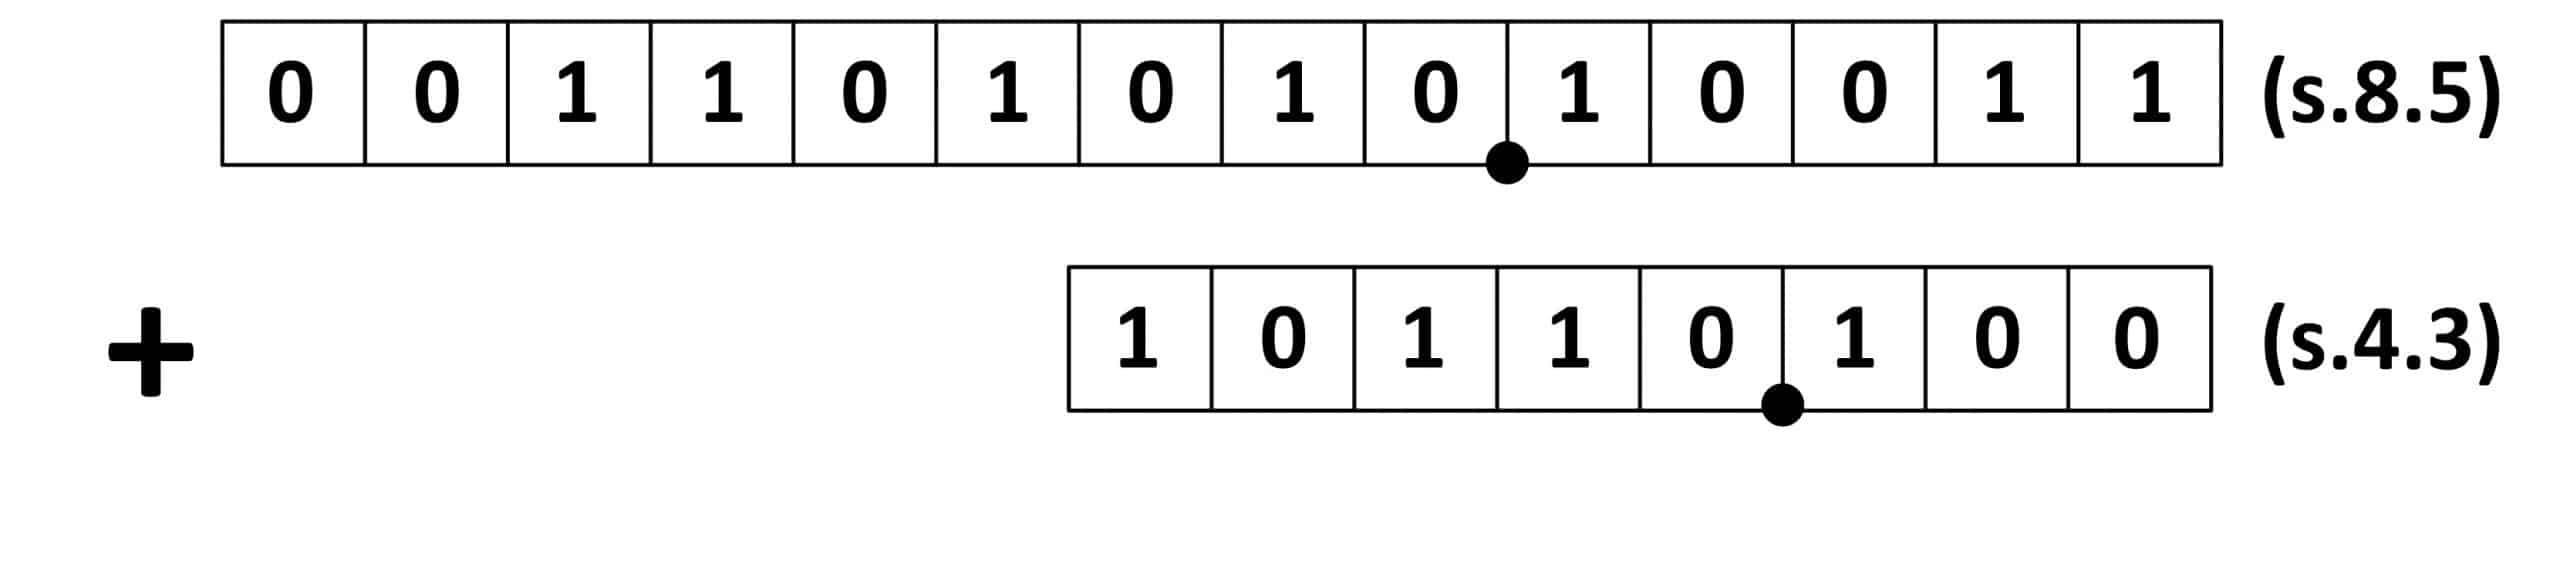 پیادهسازی عملیات جمع دو سیگنال اعشاری در FPGA